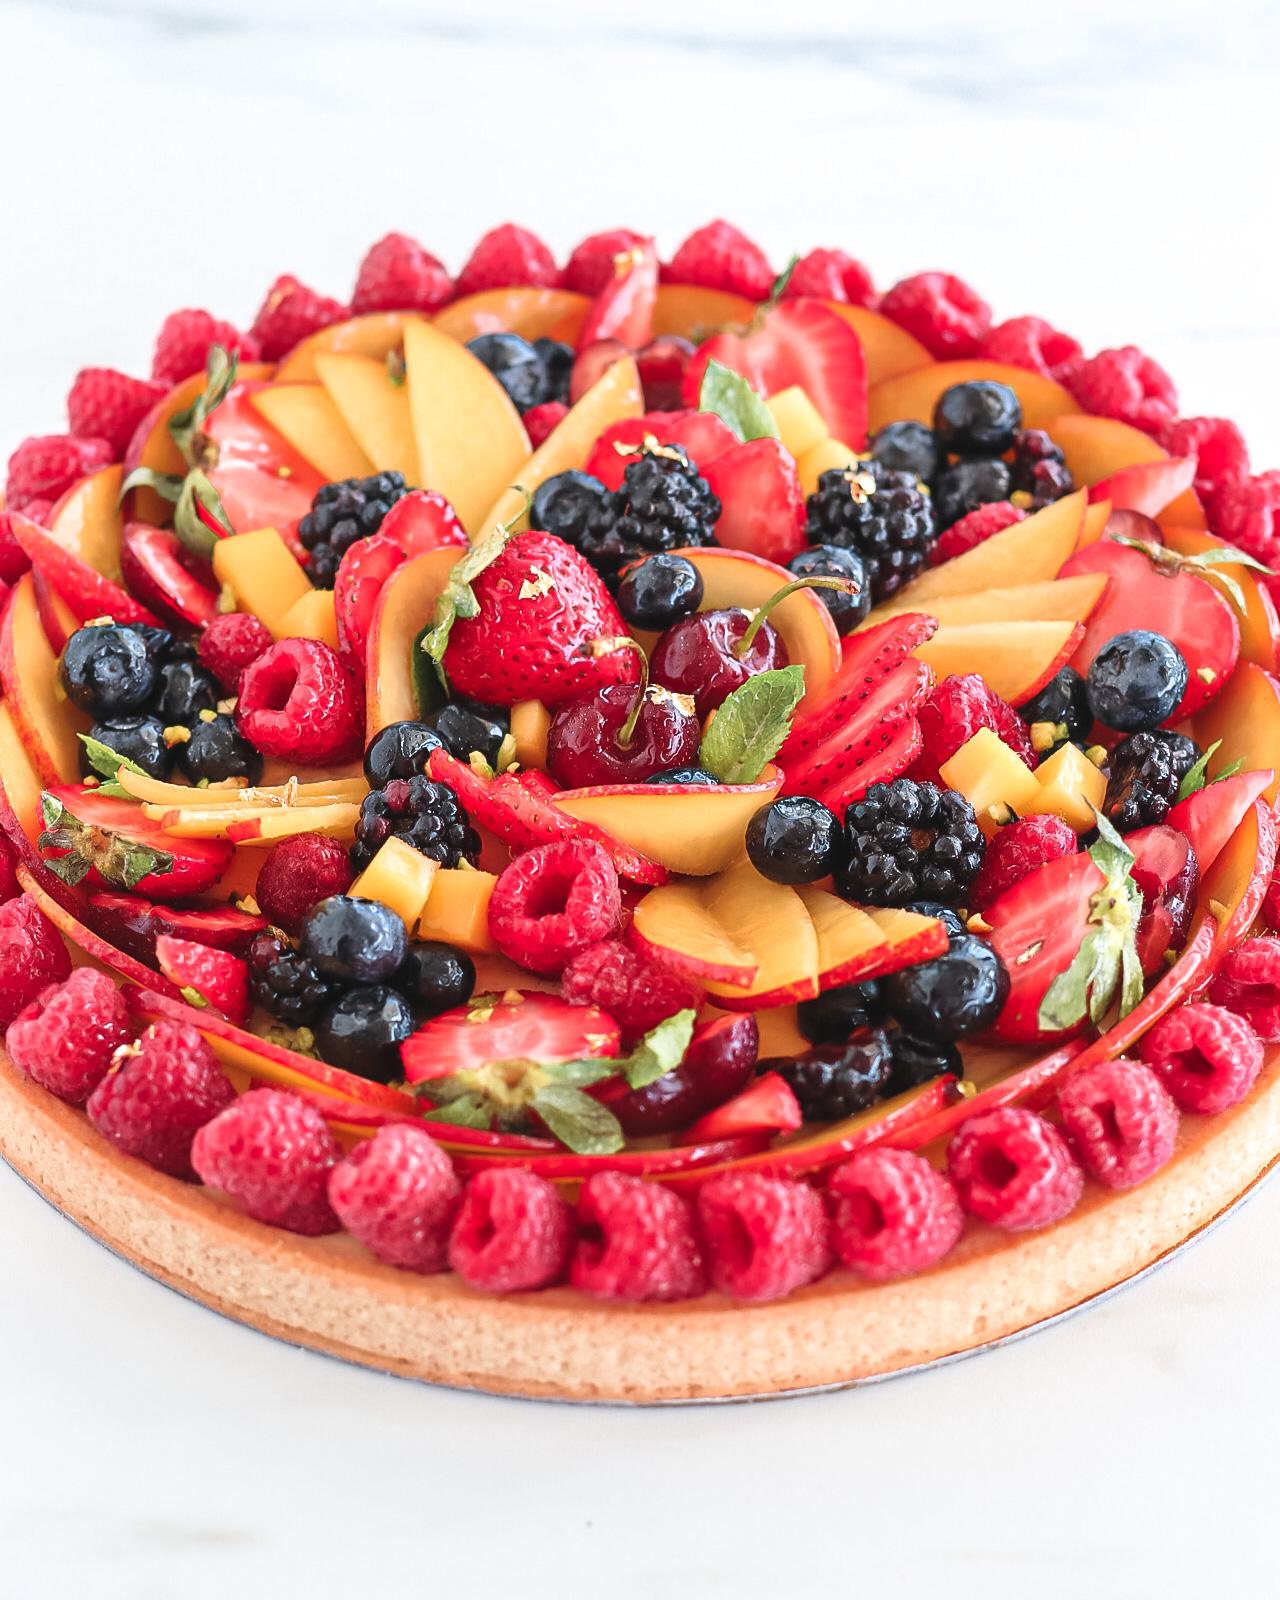 crostata di frutta e crema pasticciera